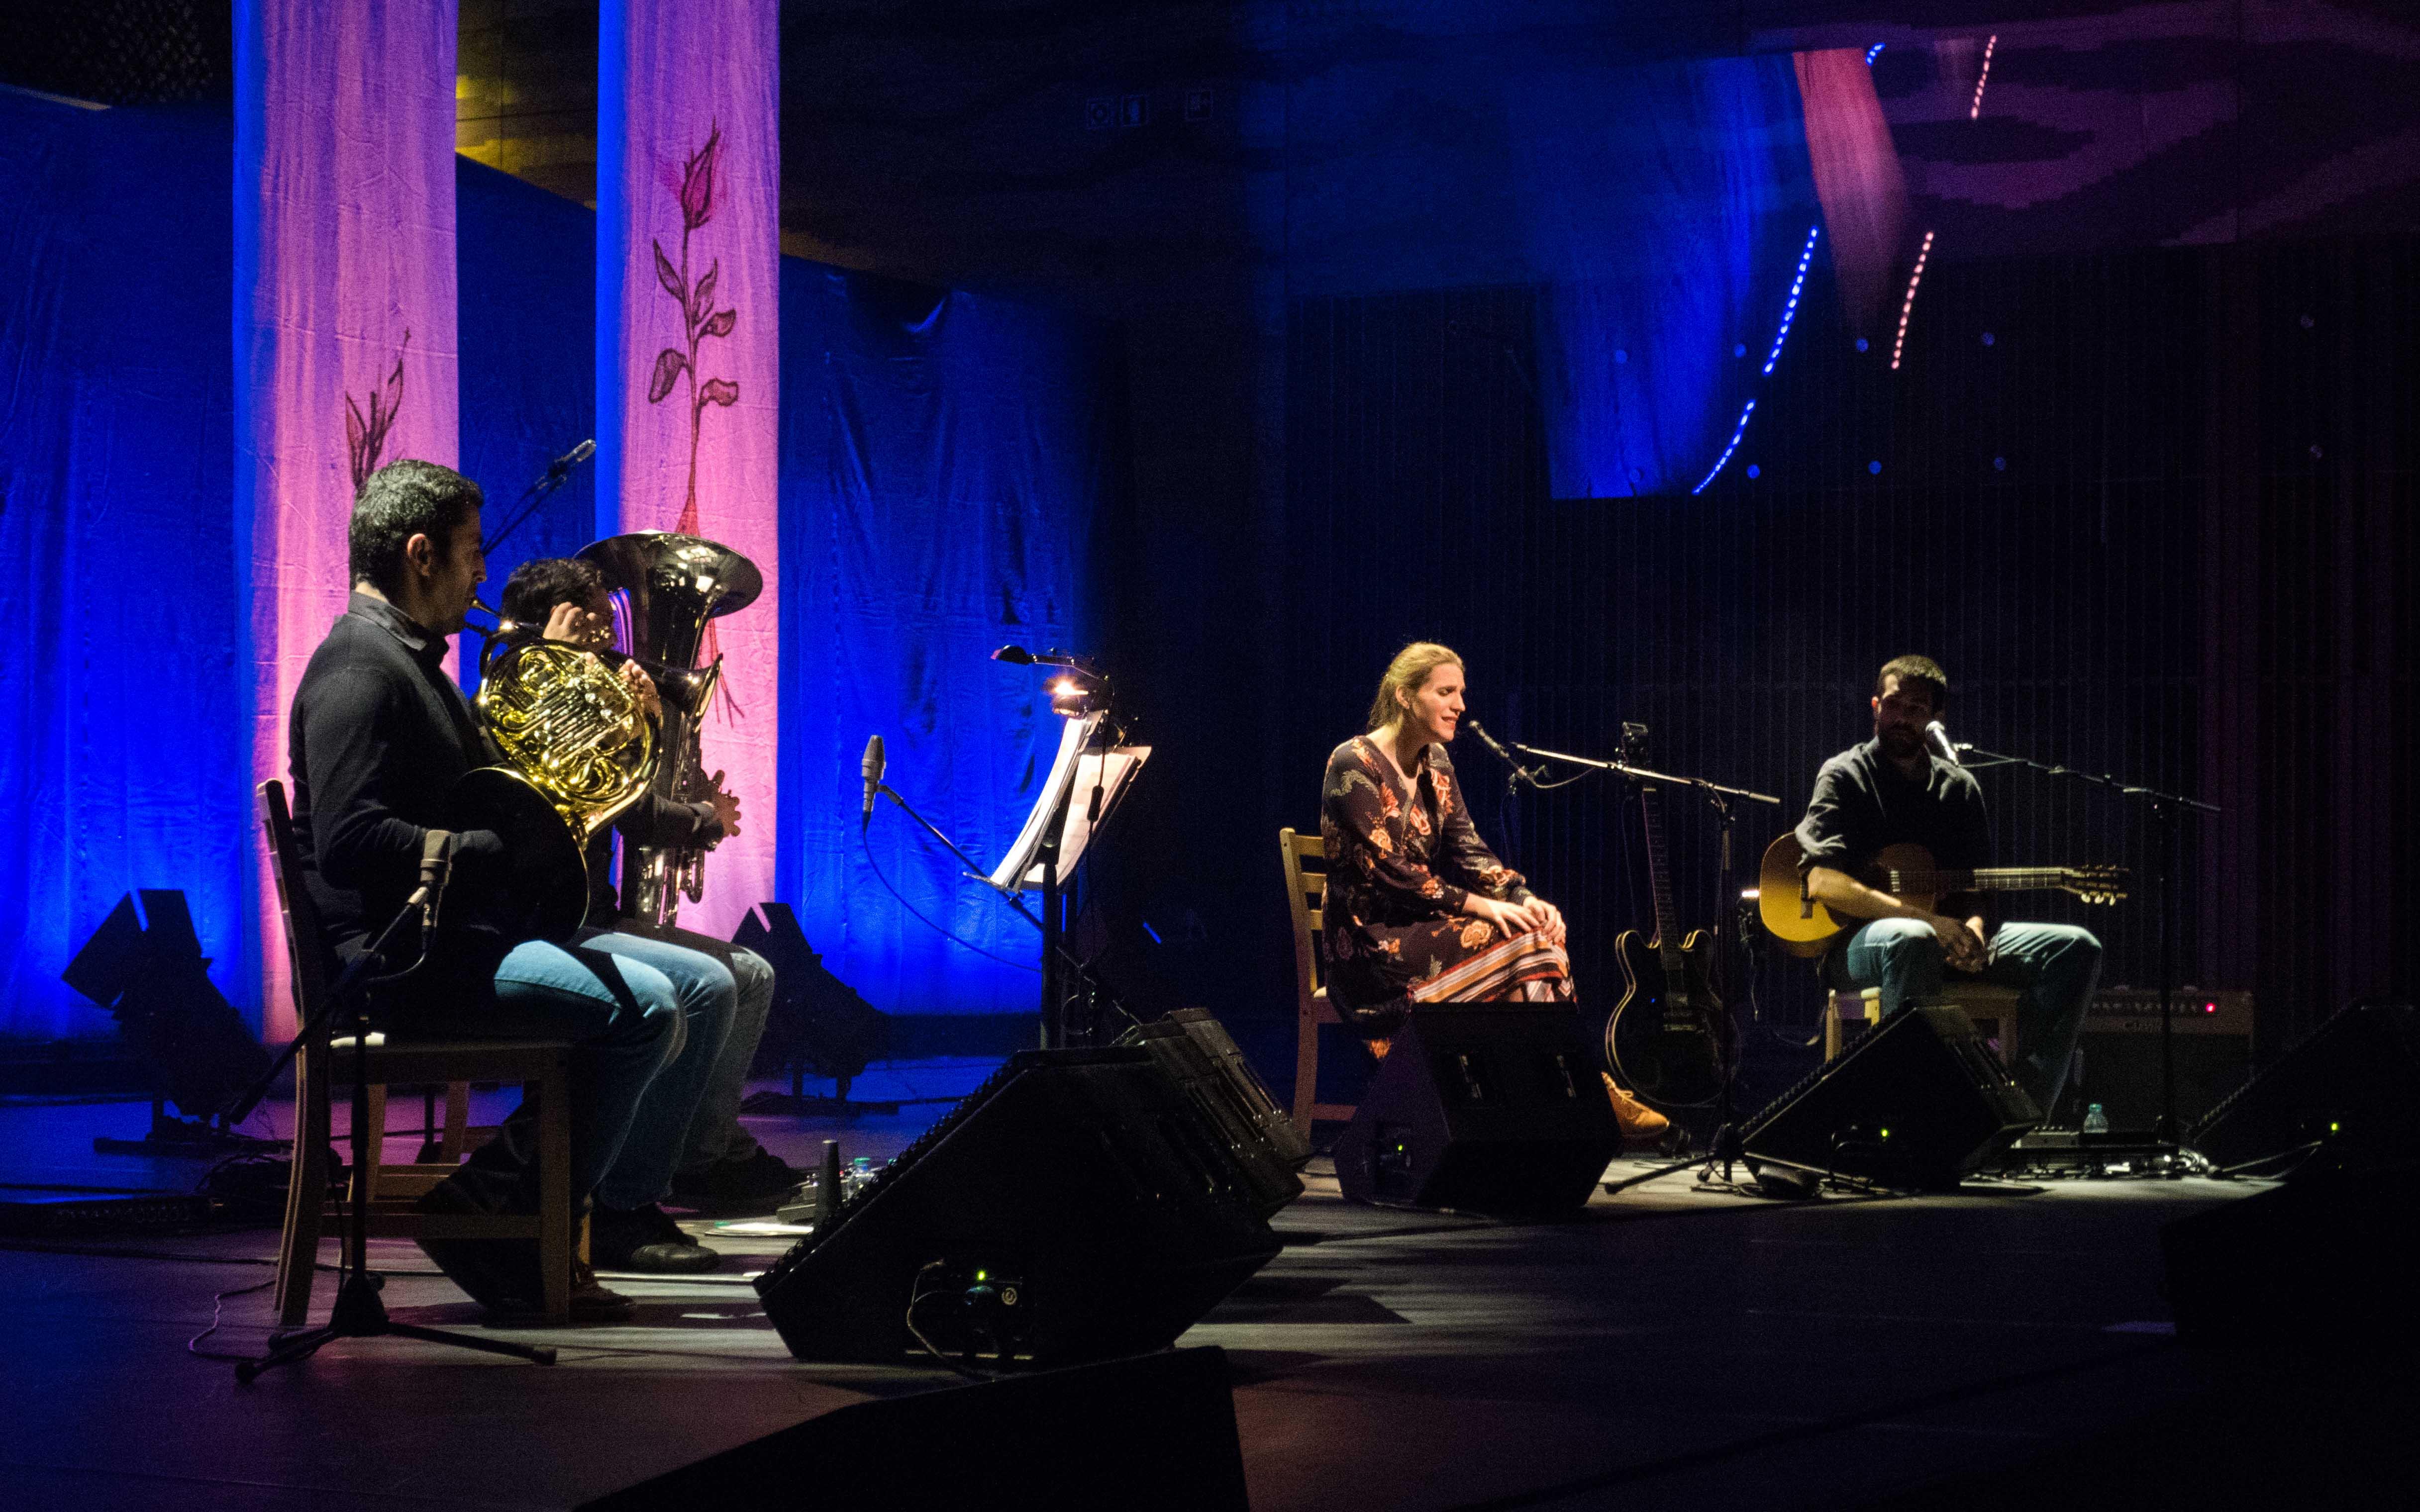 Ângelo Caleira, Gil Gonçalves, Luísa Sobral e Manuel Rocha. Fotografia por Mariana Cardoso.